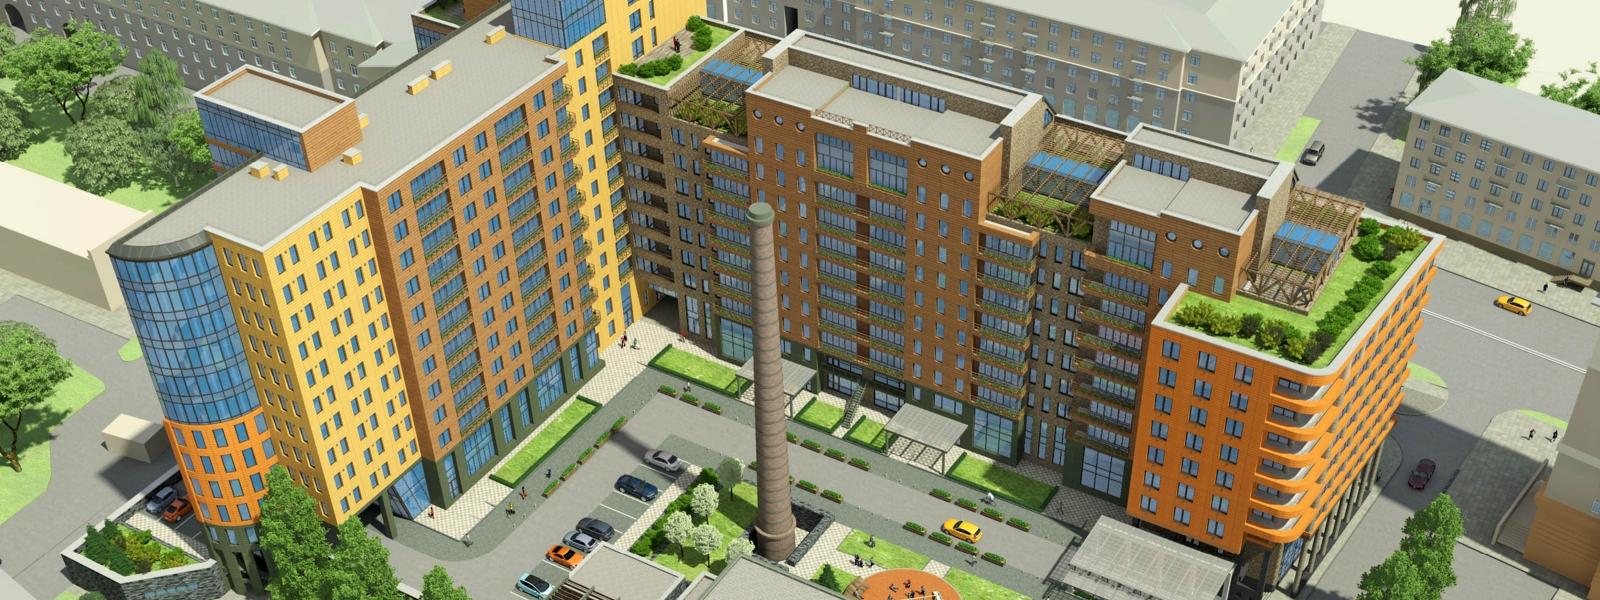 work-Жилой комплекс со встроенными офисными помещениями по пр. Маркса в Омске